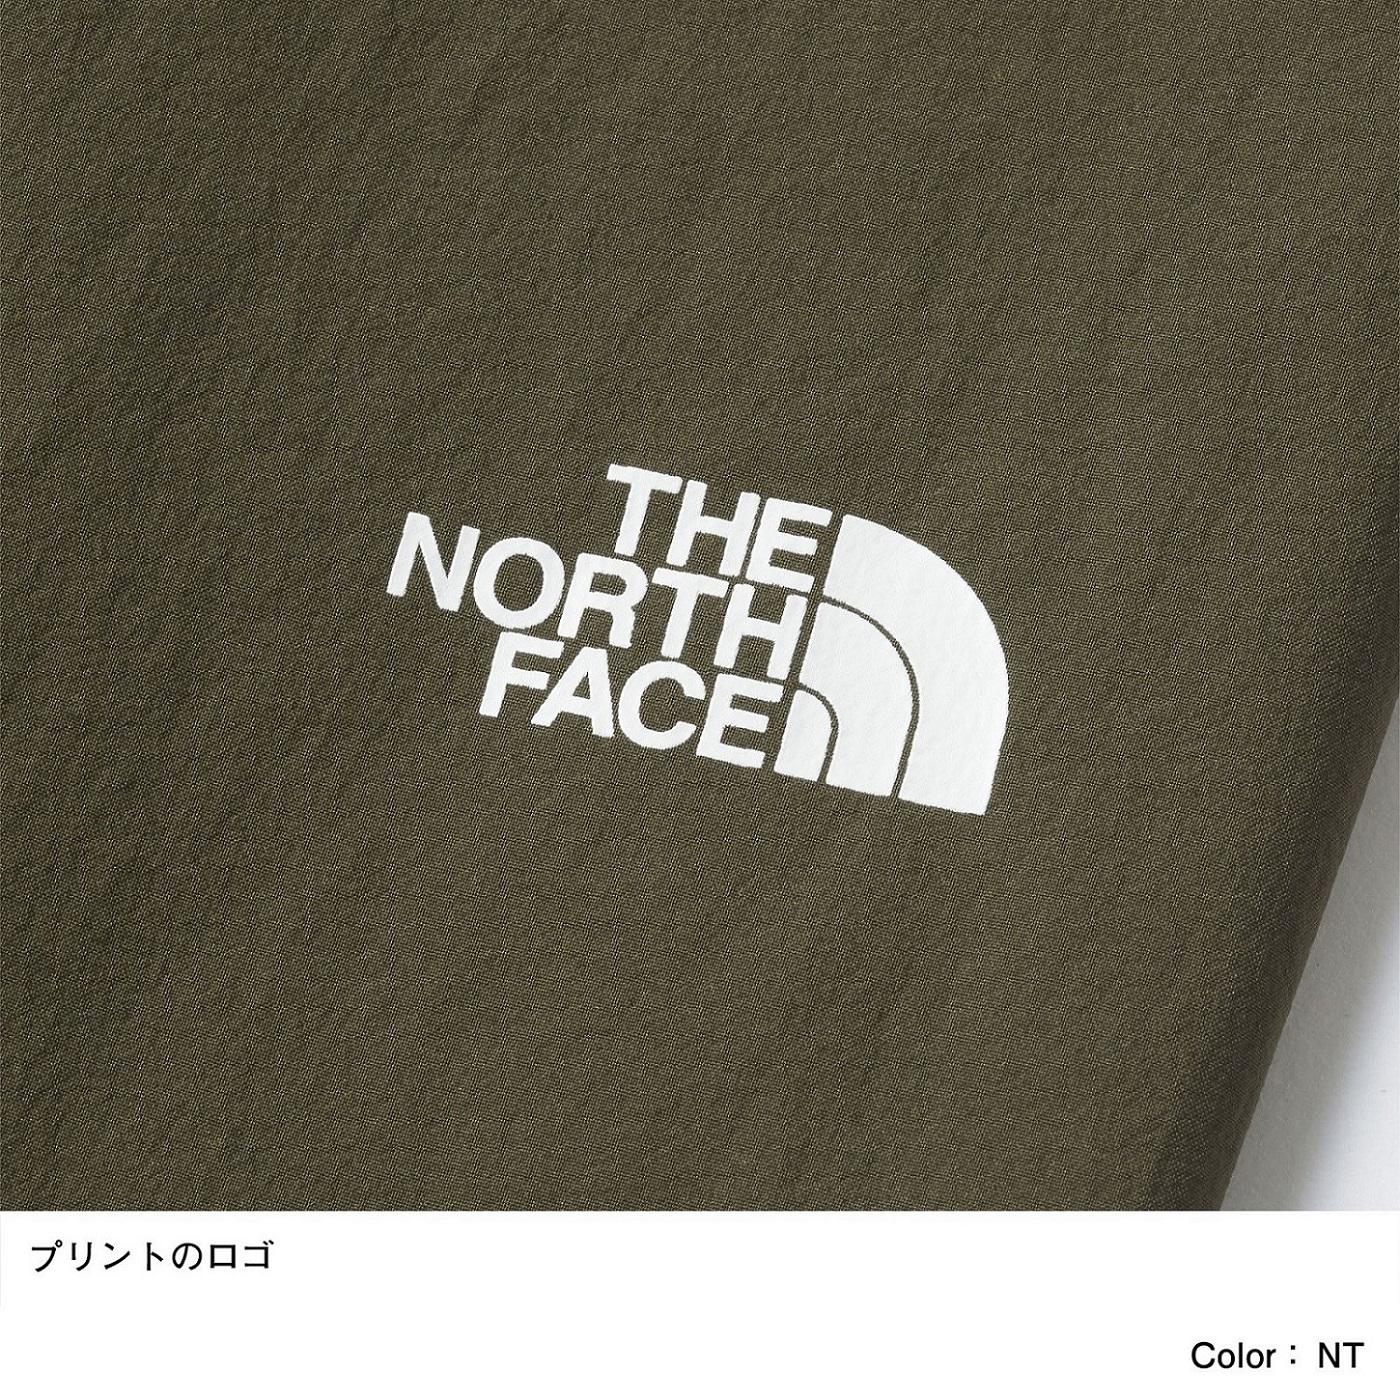 ザ・ノースフェイス NBJ32131 バーヴライトマウンテンパンツ キッズ150